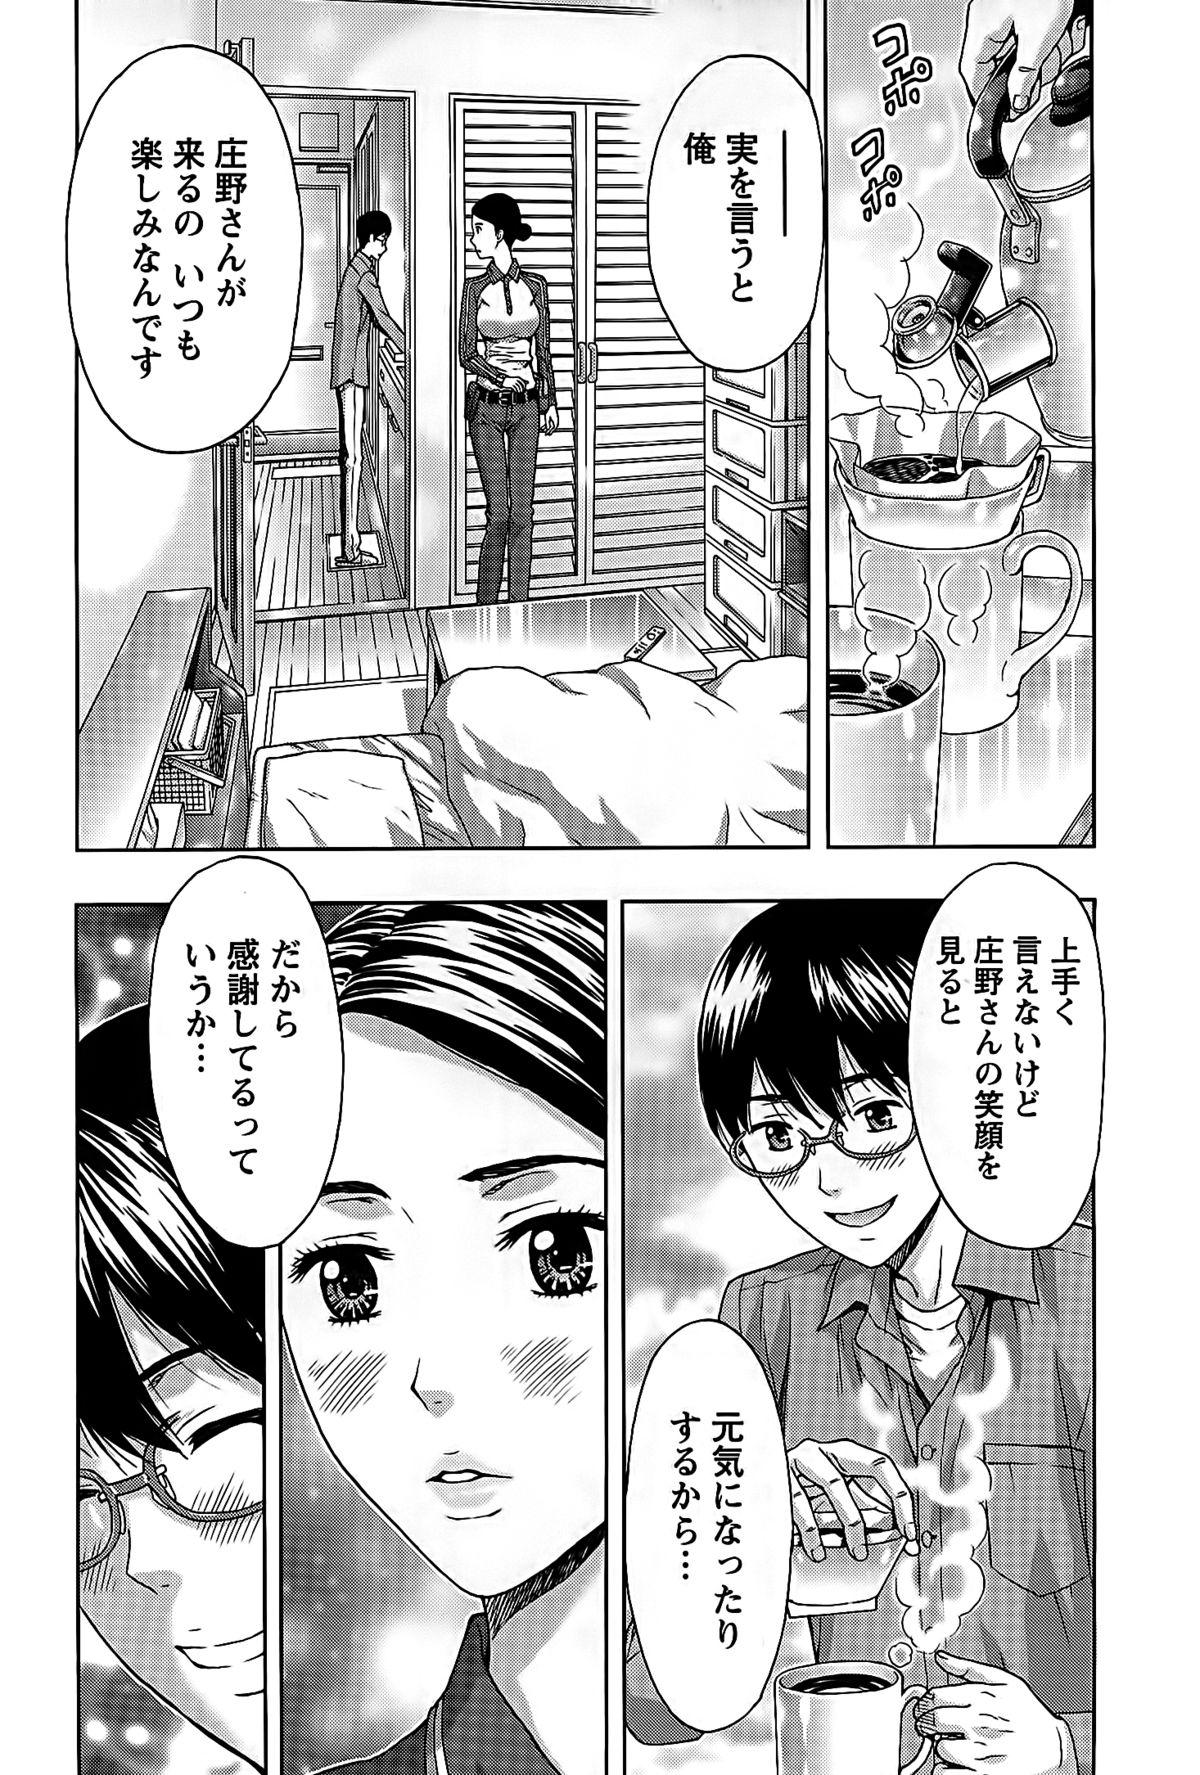 Shittori Lady to Amai Mitsu 57